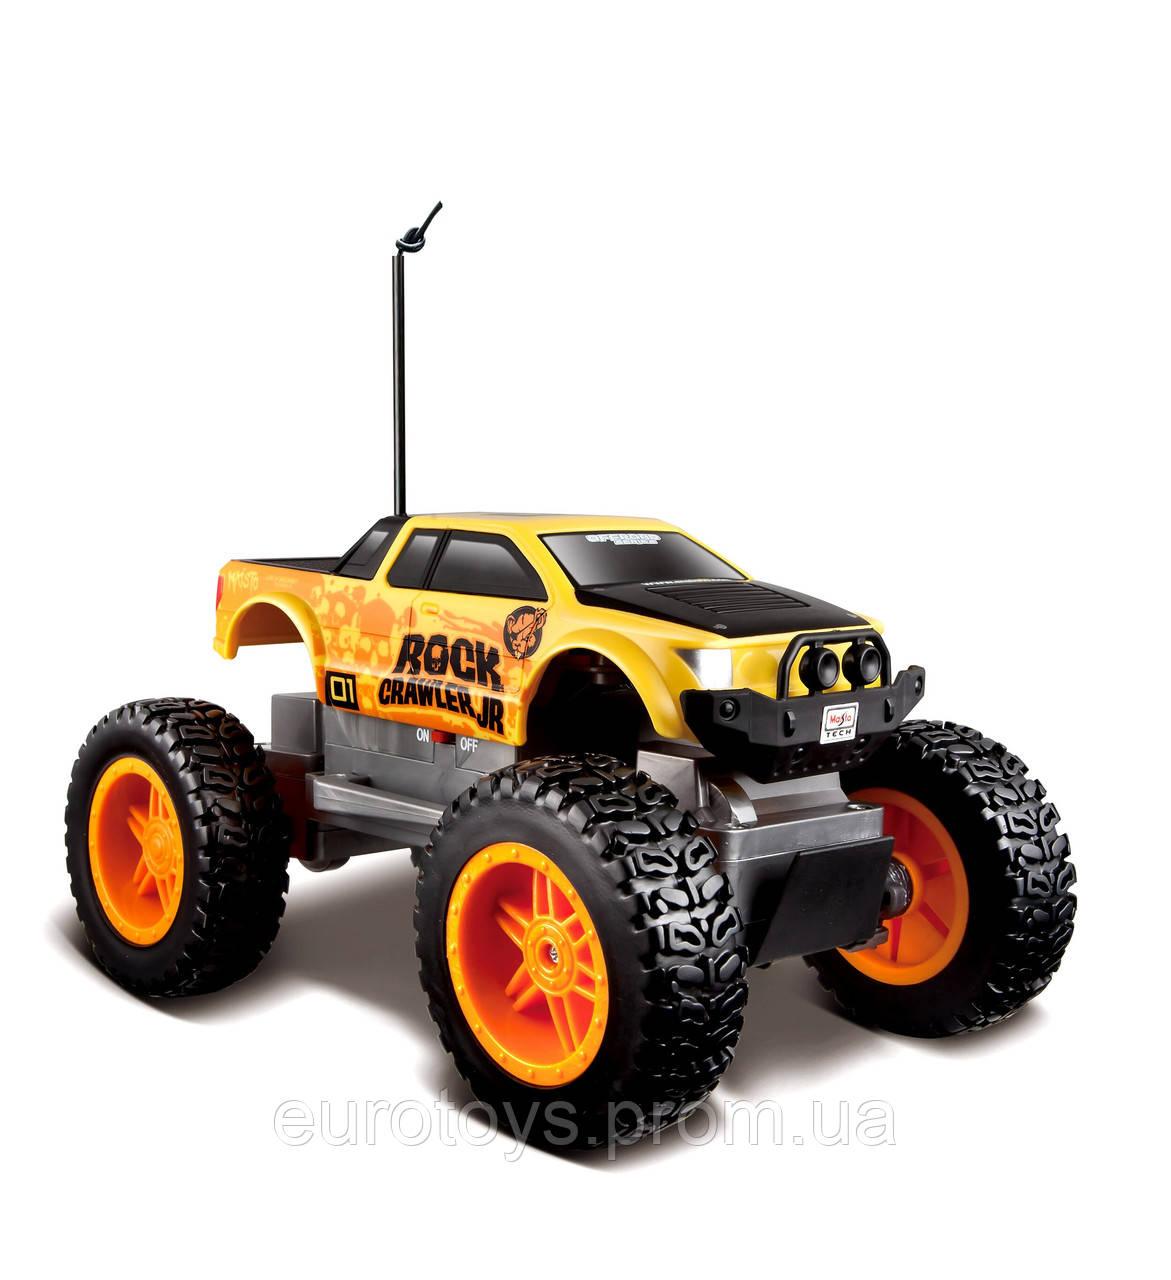 MAISTO TECH Автомодель  на р/у  Rock  Crawler Jr. желто-черный  (81162)